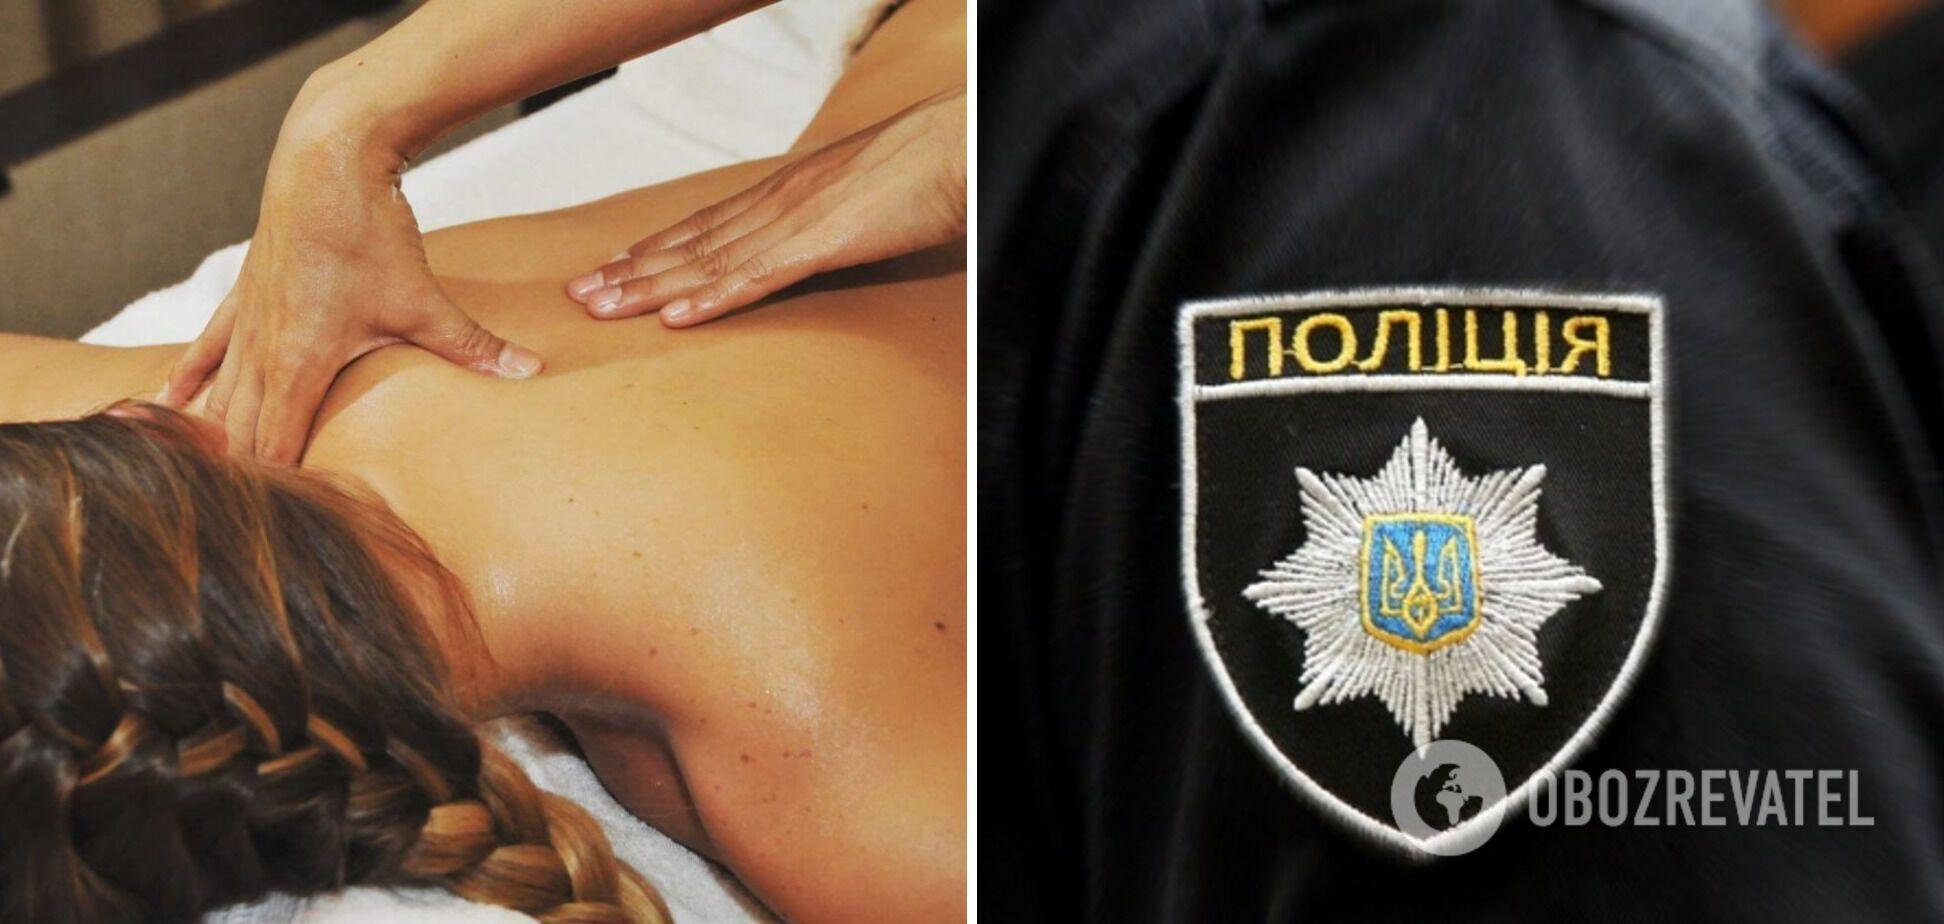 У Чернігові жінка померла після візиту до масажиста: з'явилися деталі трагедії